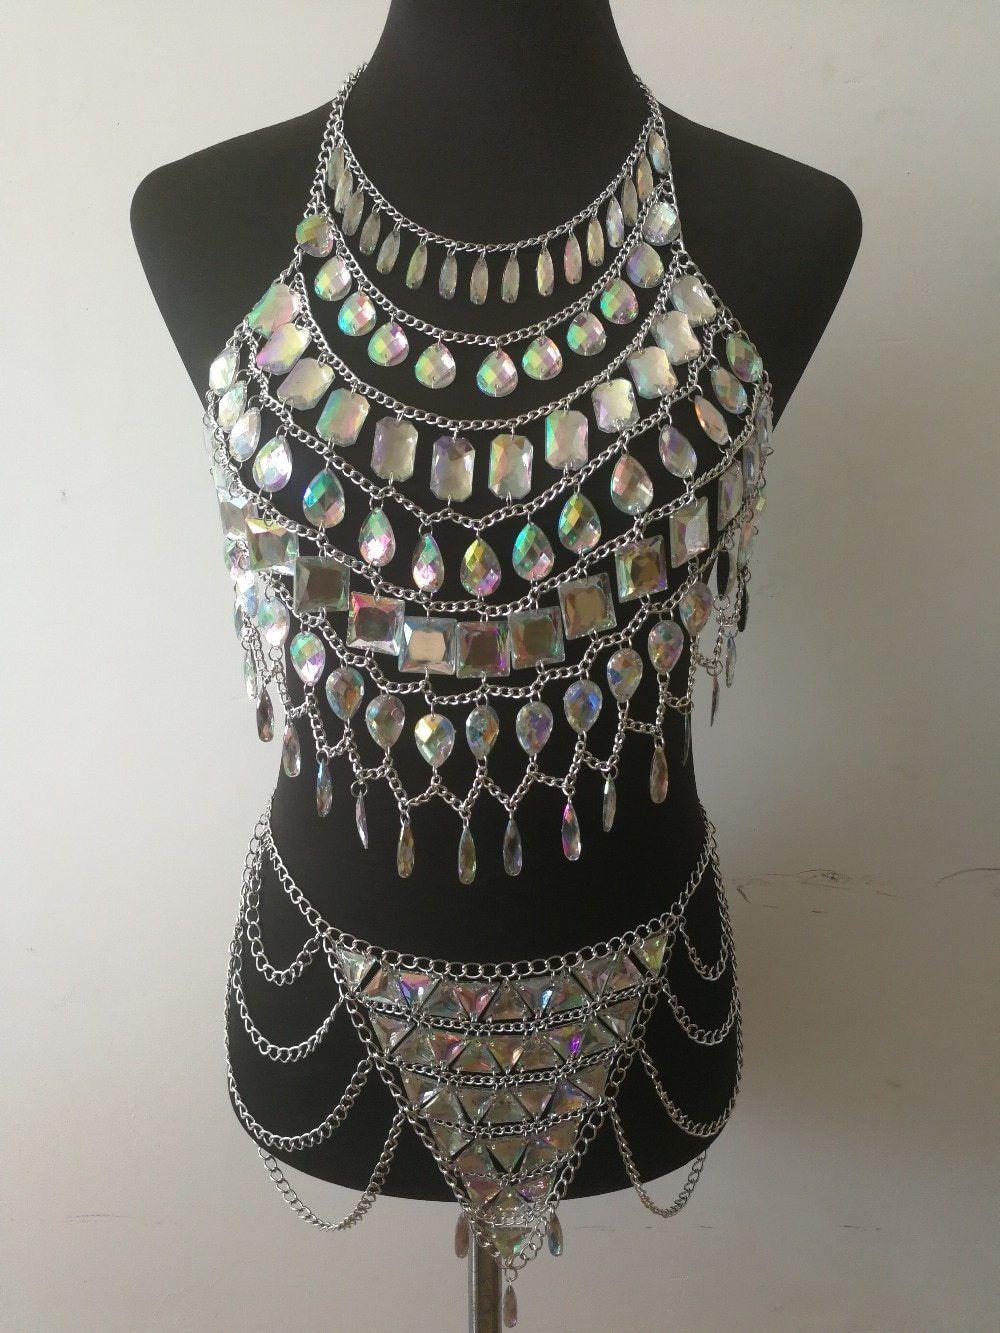 Crystal Goddess Bejeweled Bralette And Skirt  Body Chain, Crystal Goddess, Bling Bra